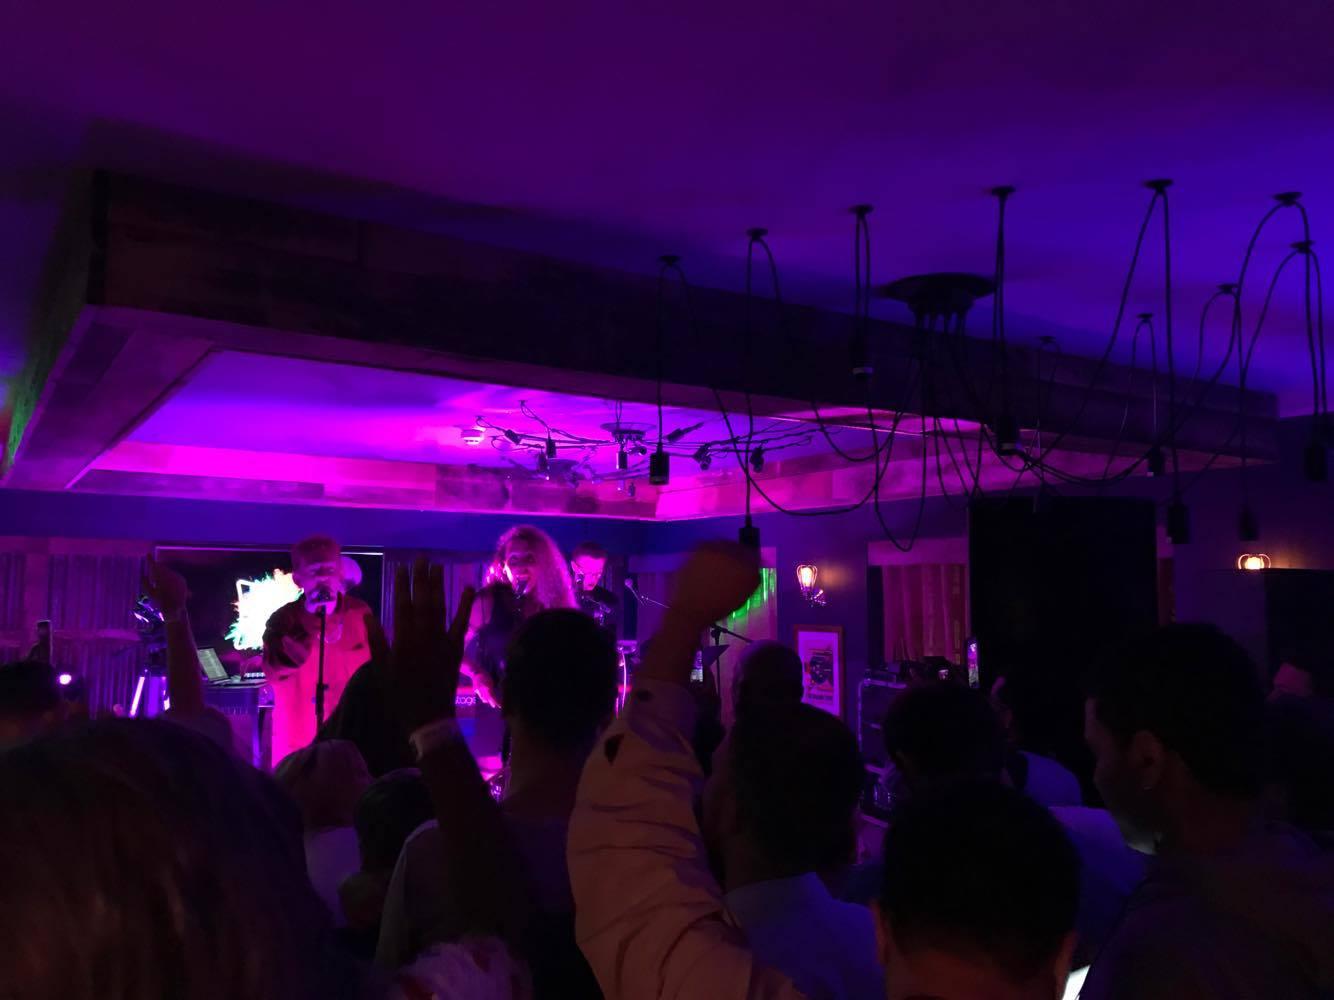 Ibis-Styles-Manchester-Bar-Concert